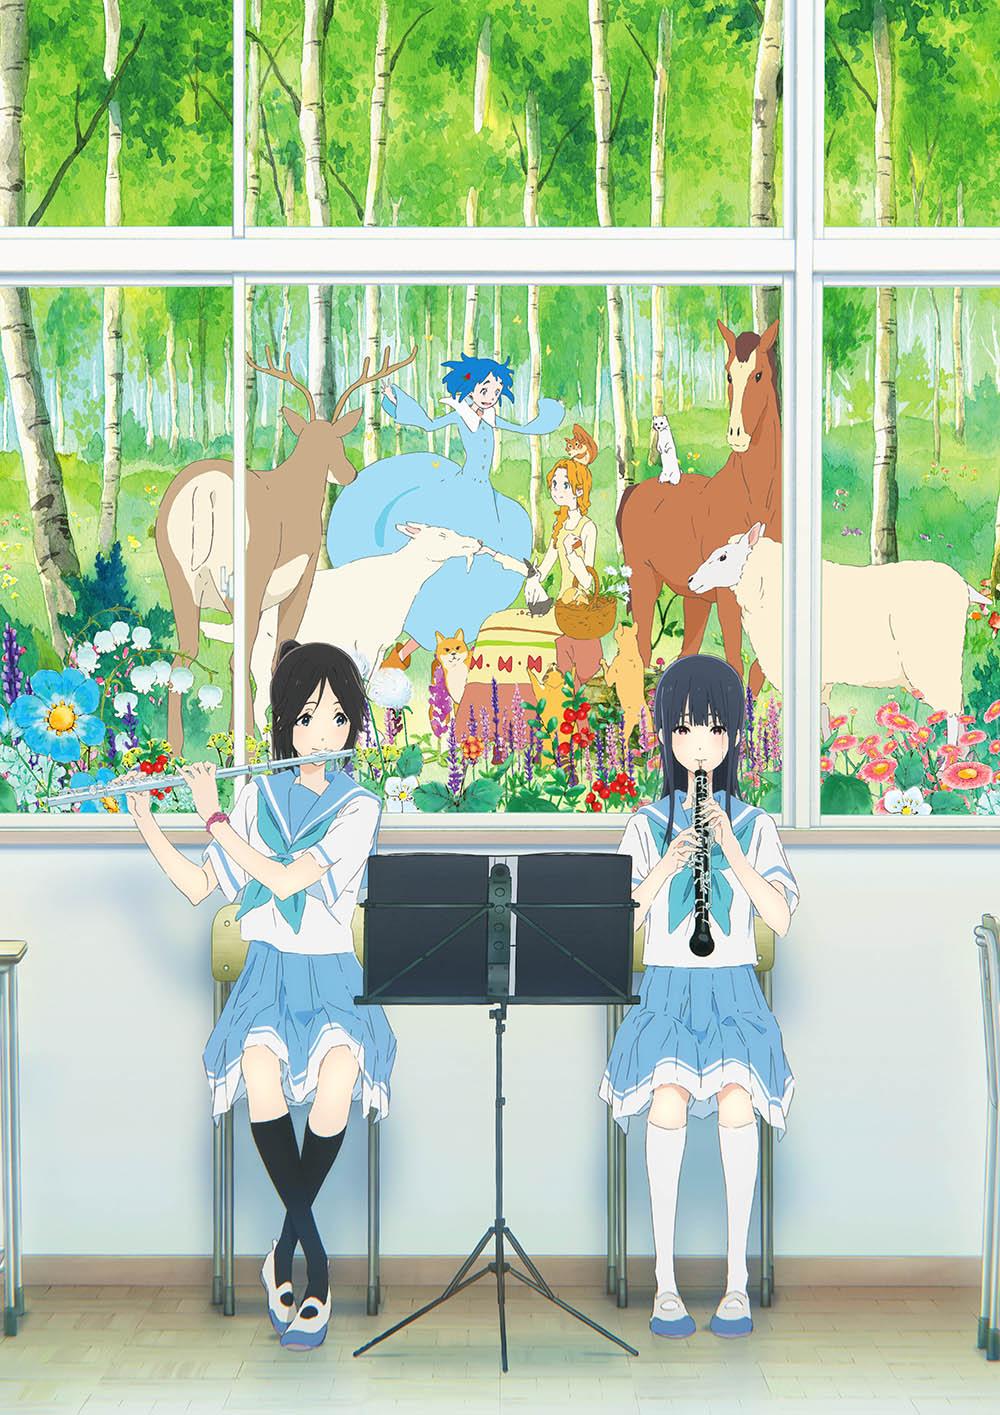 【画像】映画『リズと青い鳥』ポスタービジュアル